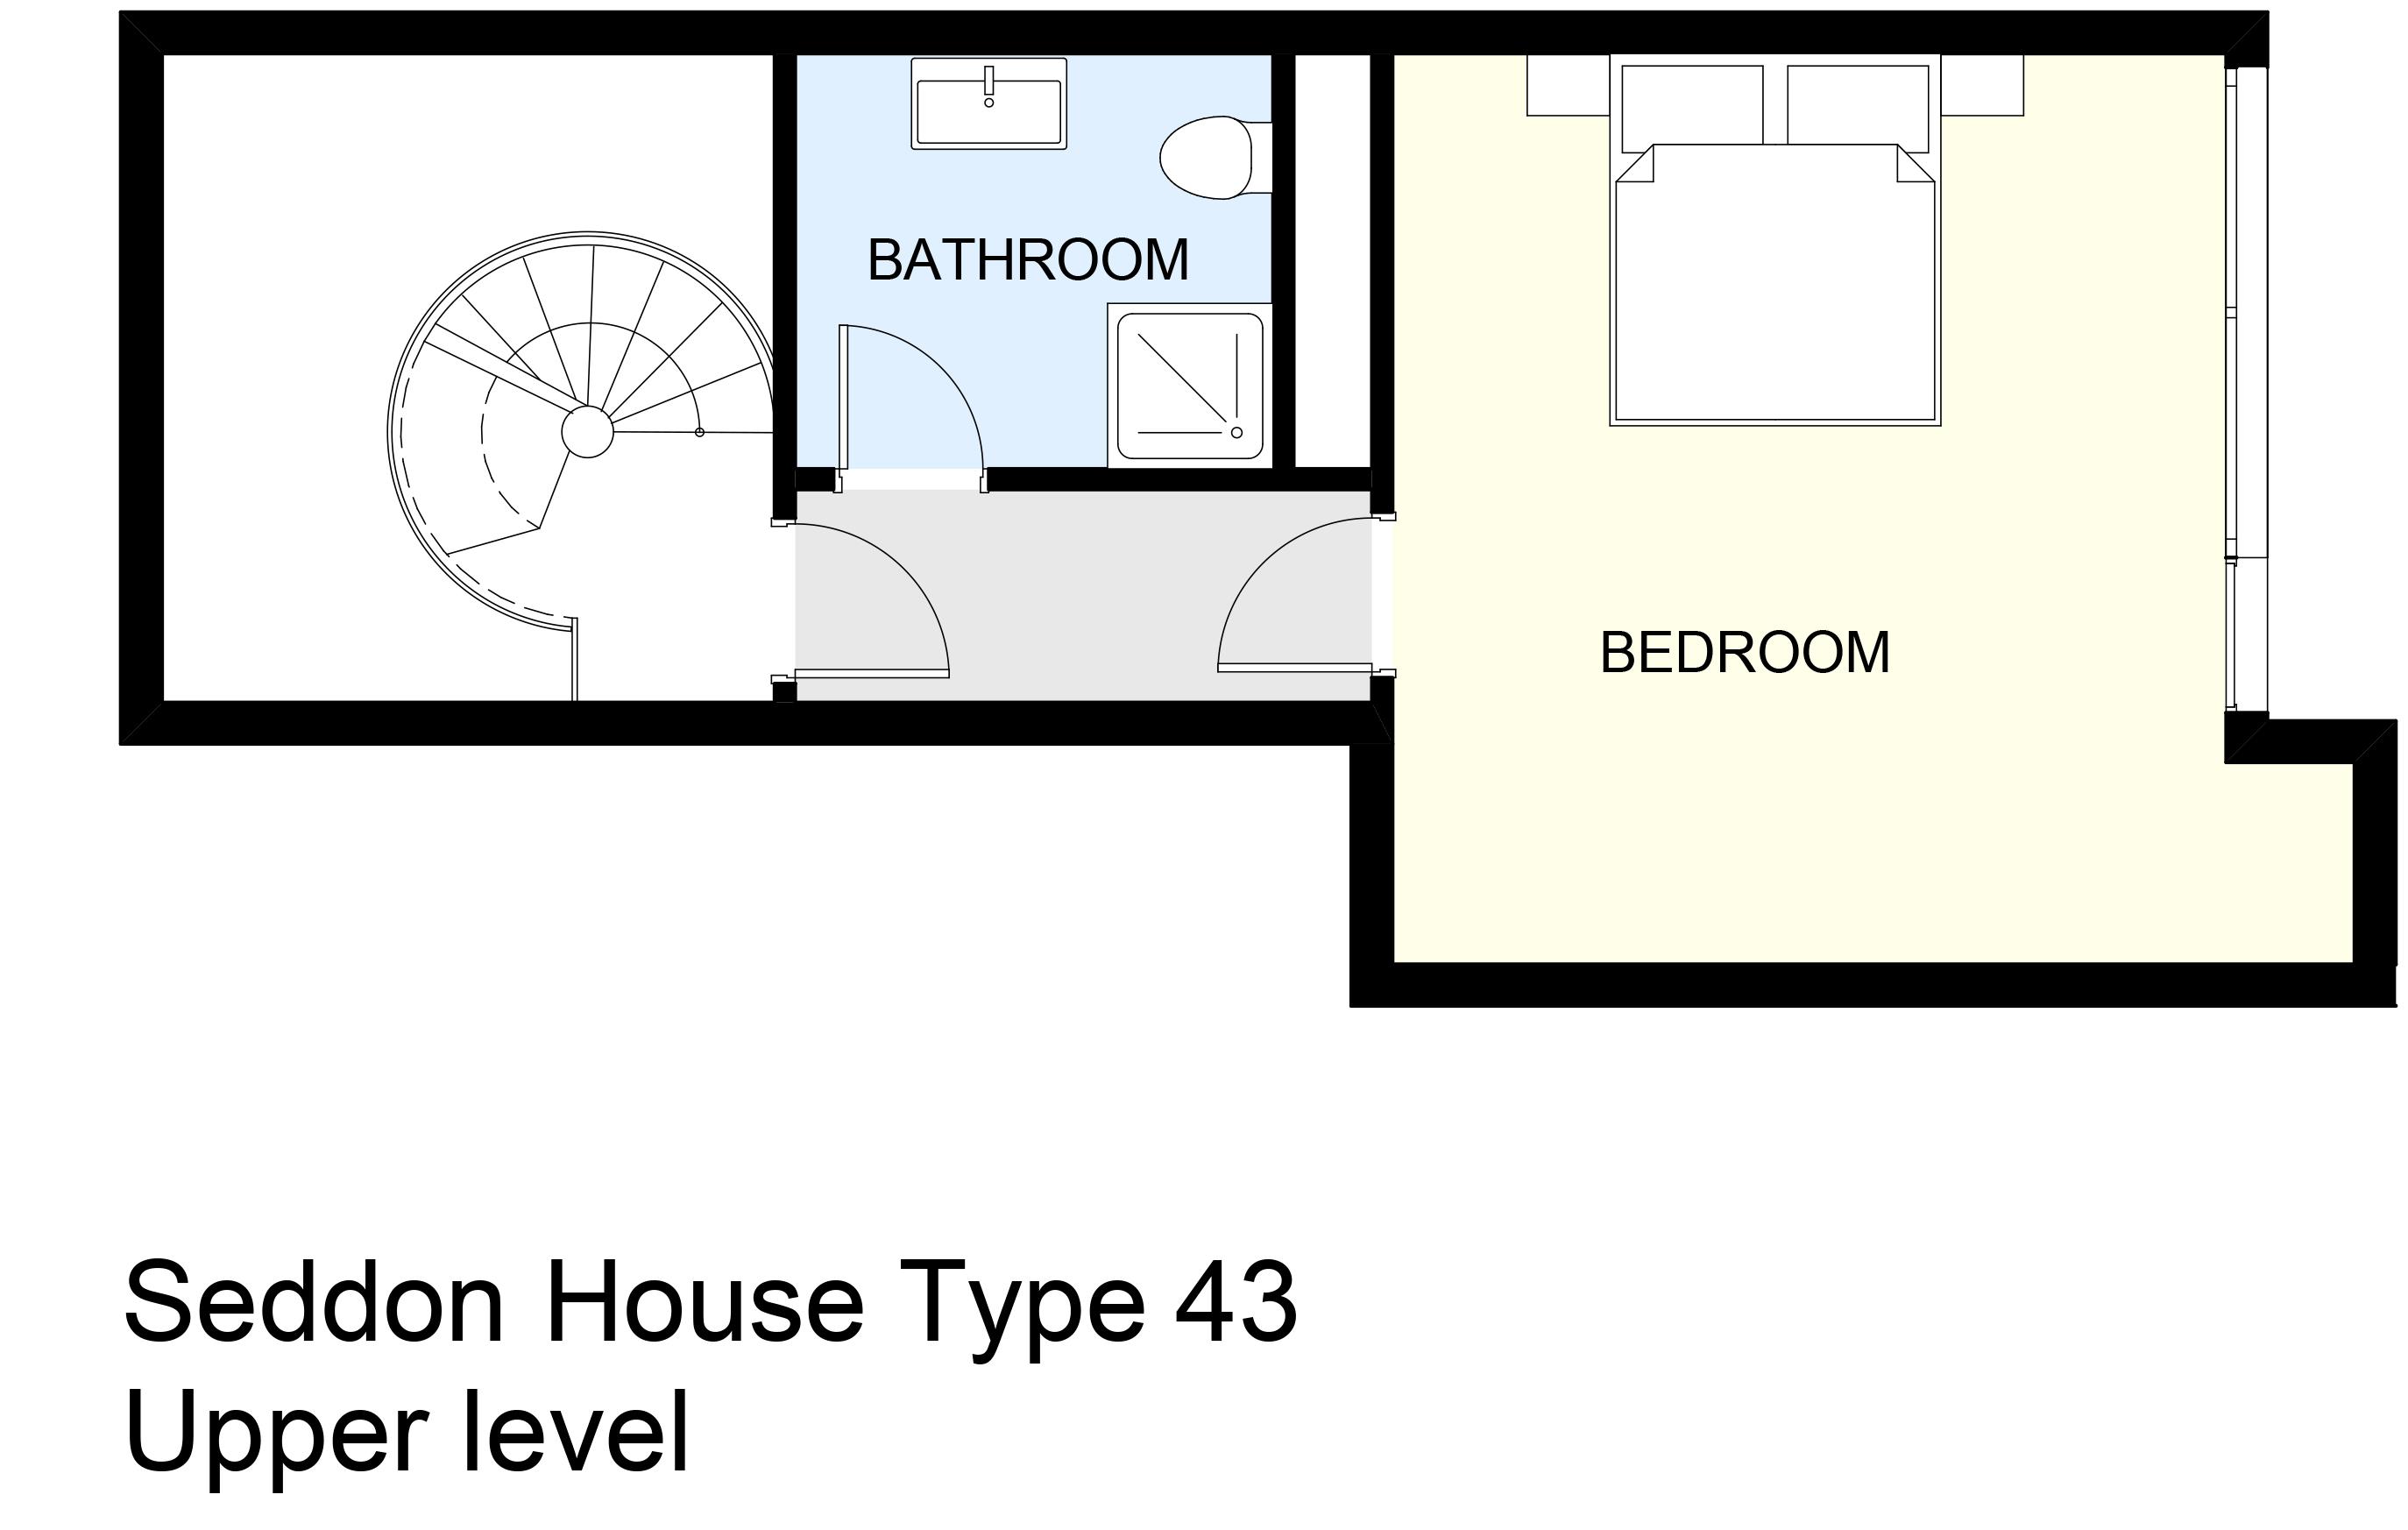 Seddon House Type 43 Upper level